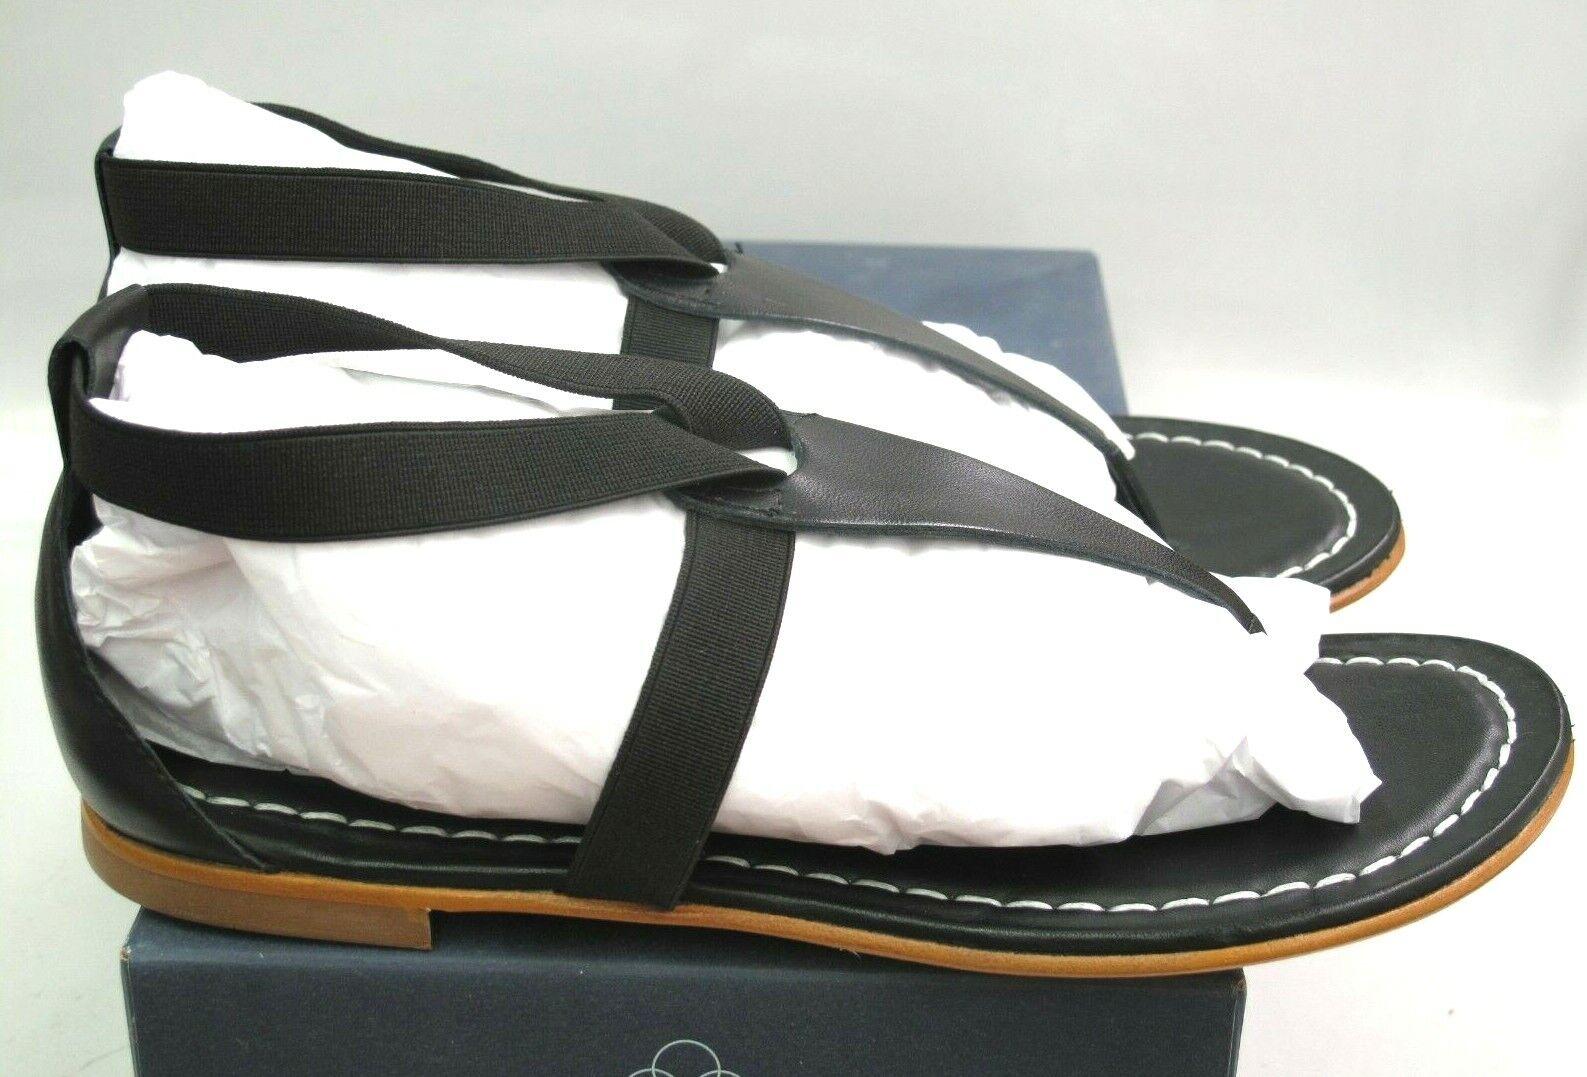 Nuevo En Caja Bernardo para Mujer Sandalia Negro Amapola T Correa Tamaño 6.5M al por menor  135